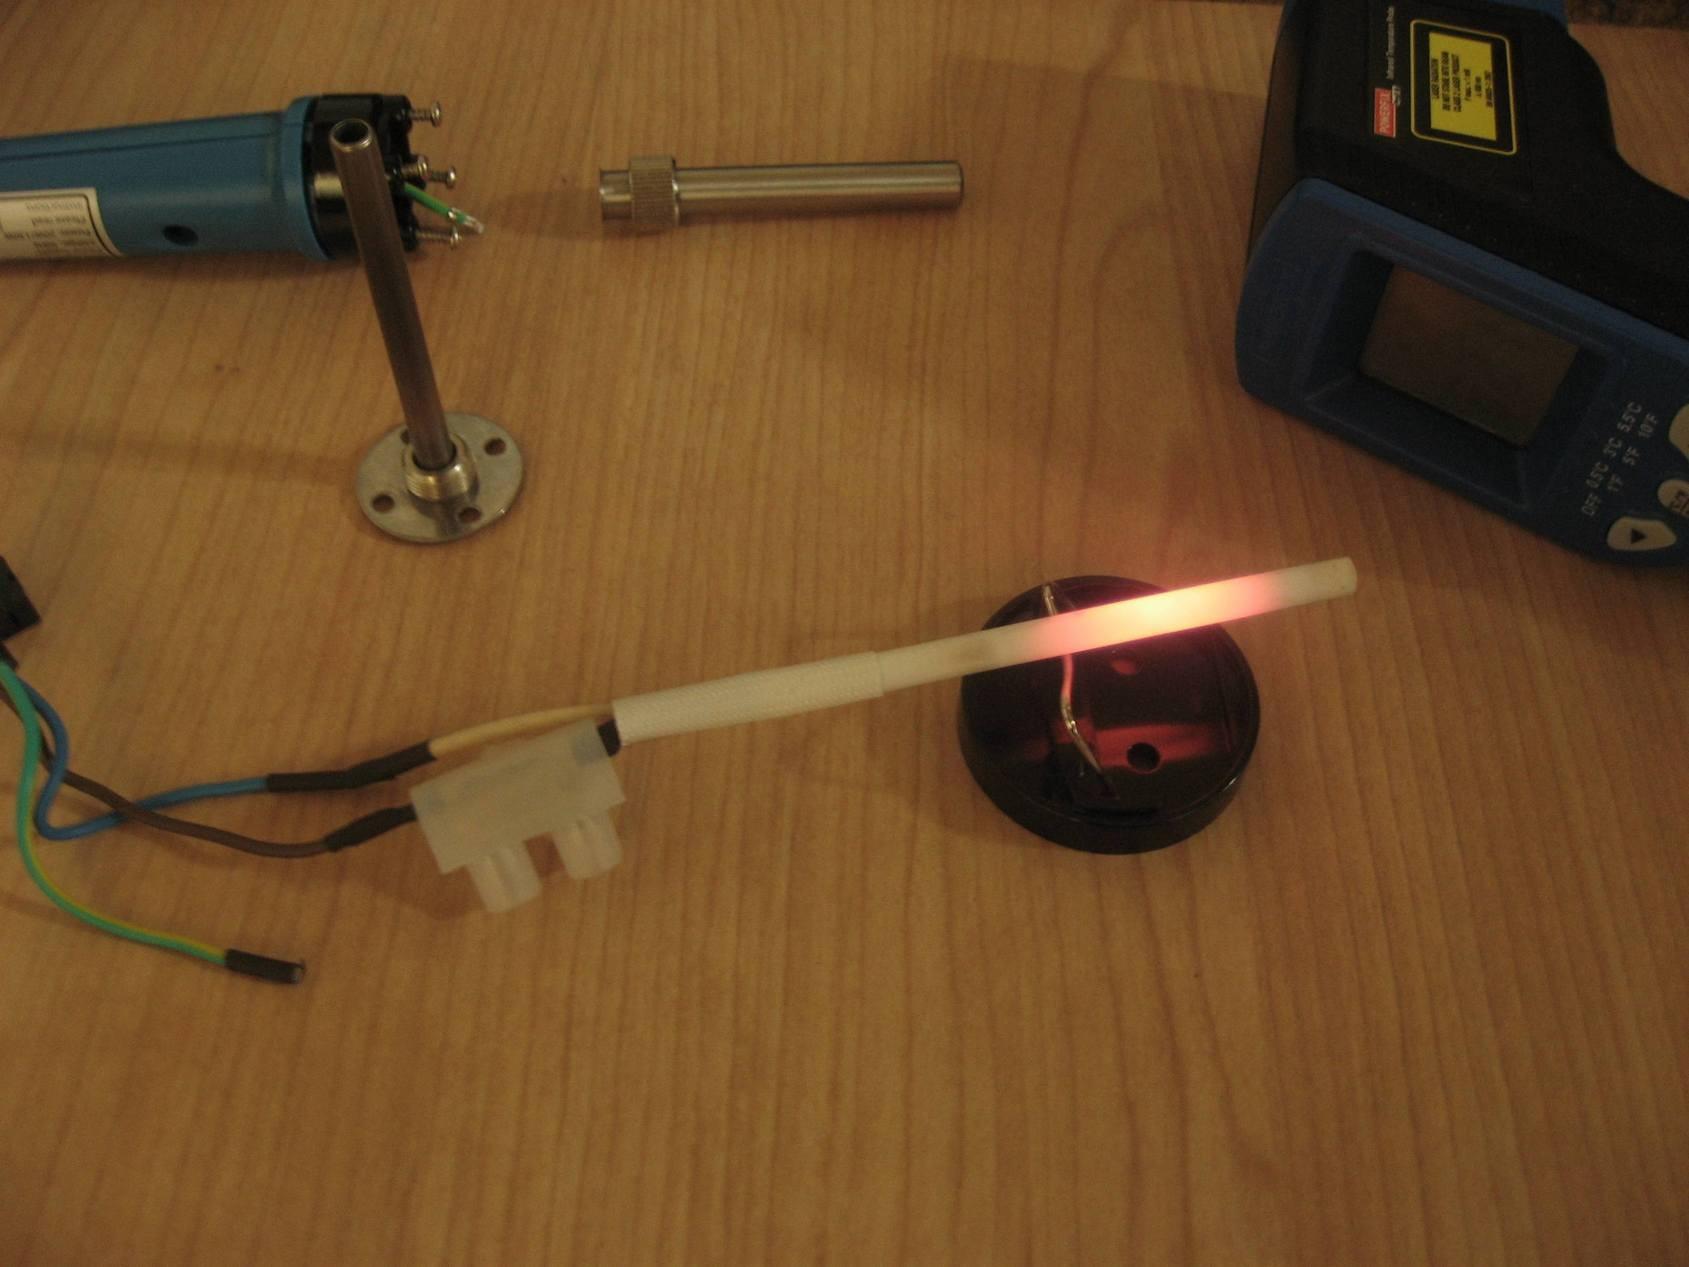 Diy Vaporizer  Diy Heating Element Vaporizer Diy Do It Your Self